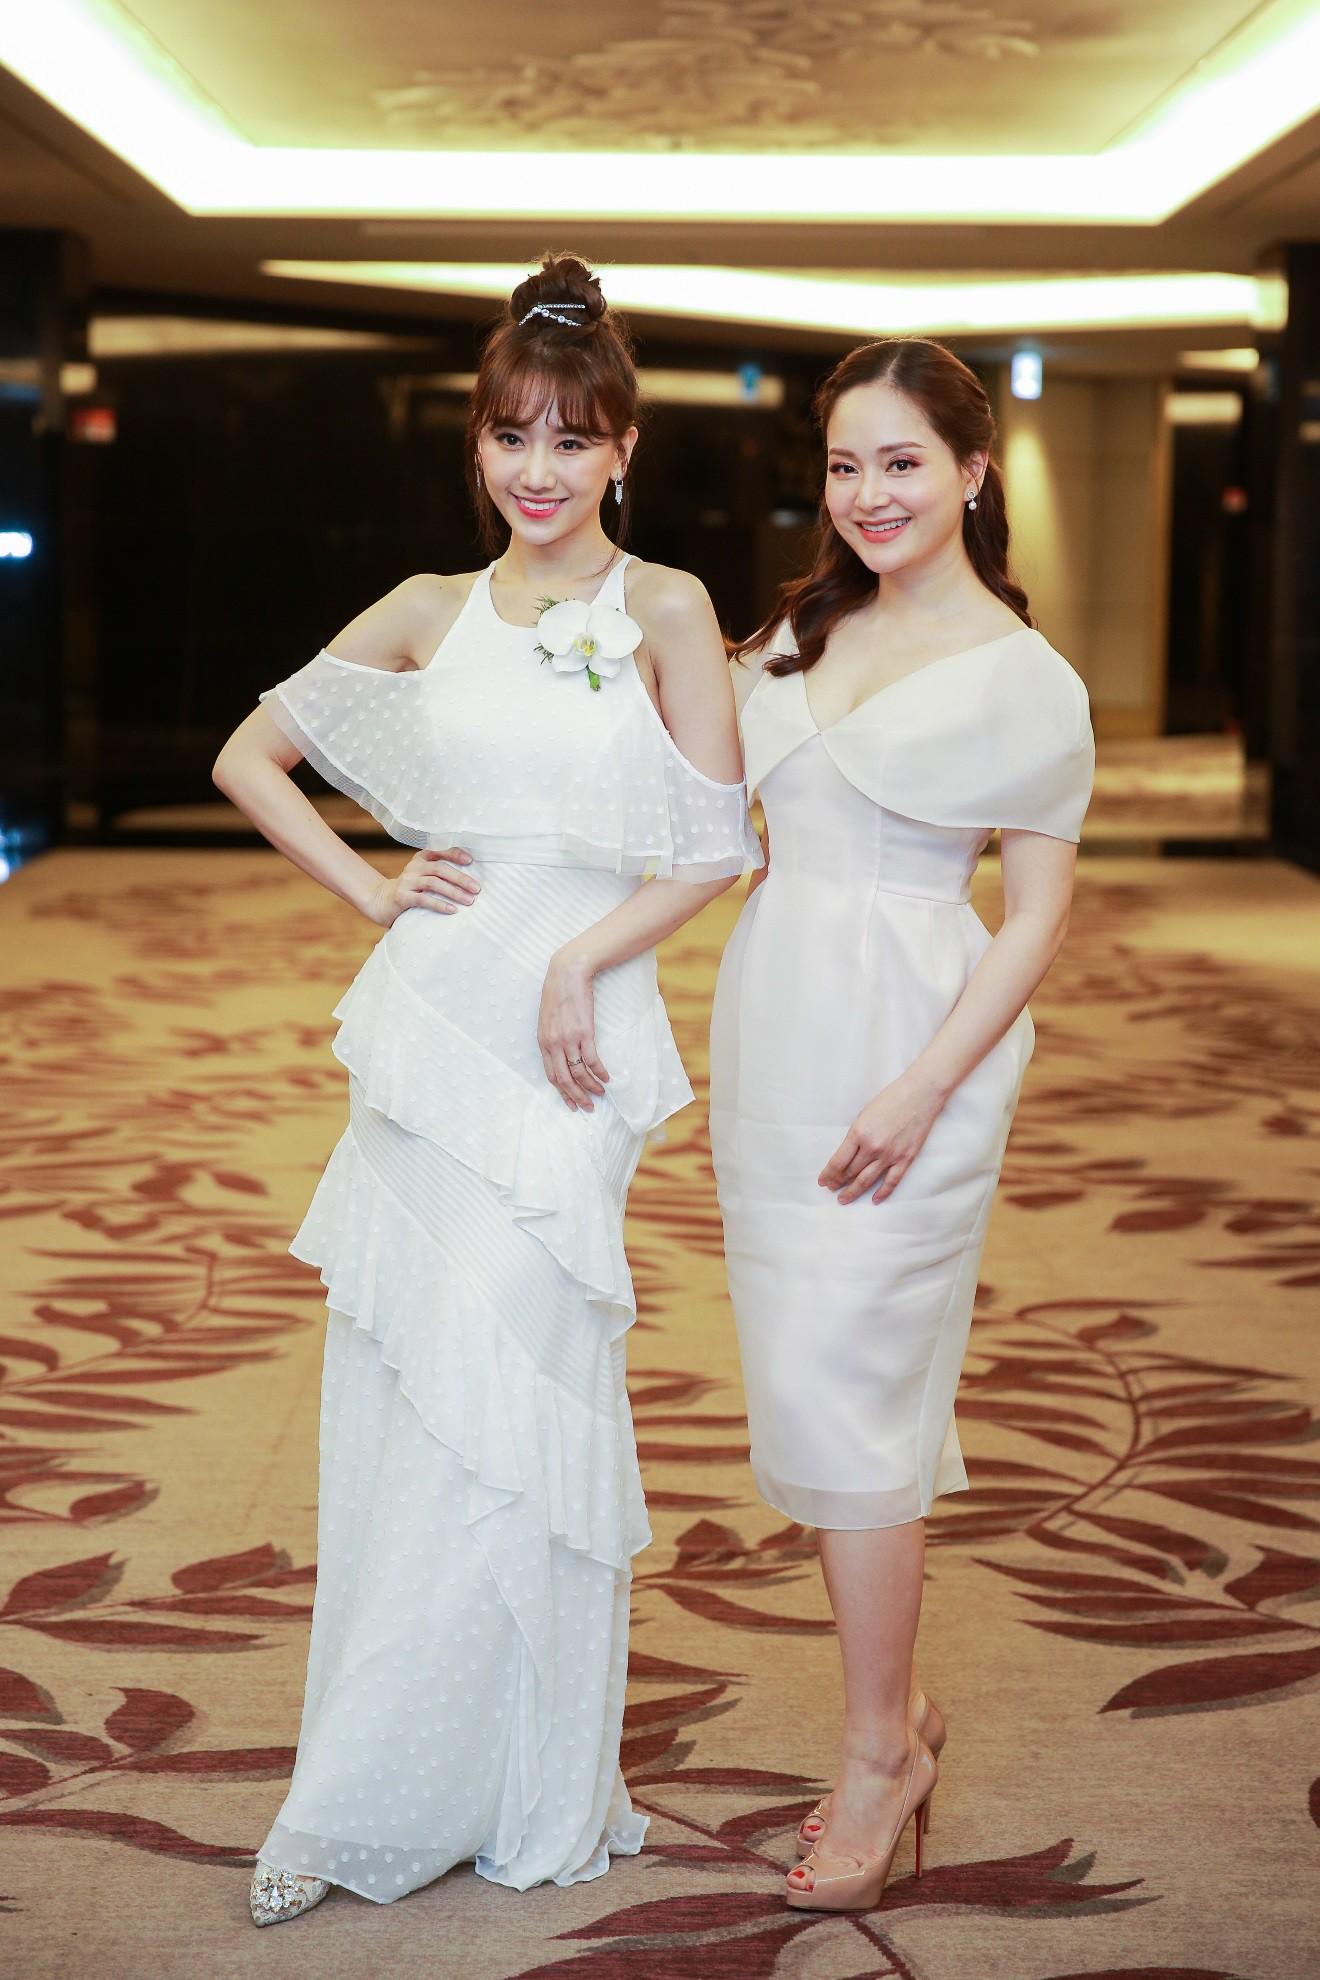 Hariwon, Helly Tống, Sĩ Thanh cùng dàn hoa hậu Việt hào hứng trải nghiệm dòng sản phẩm công nghệ làm đẹp độc đáo - Ảnh 1.